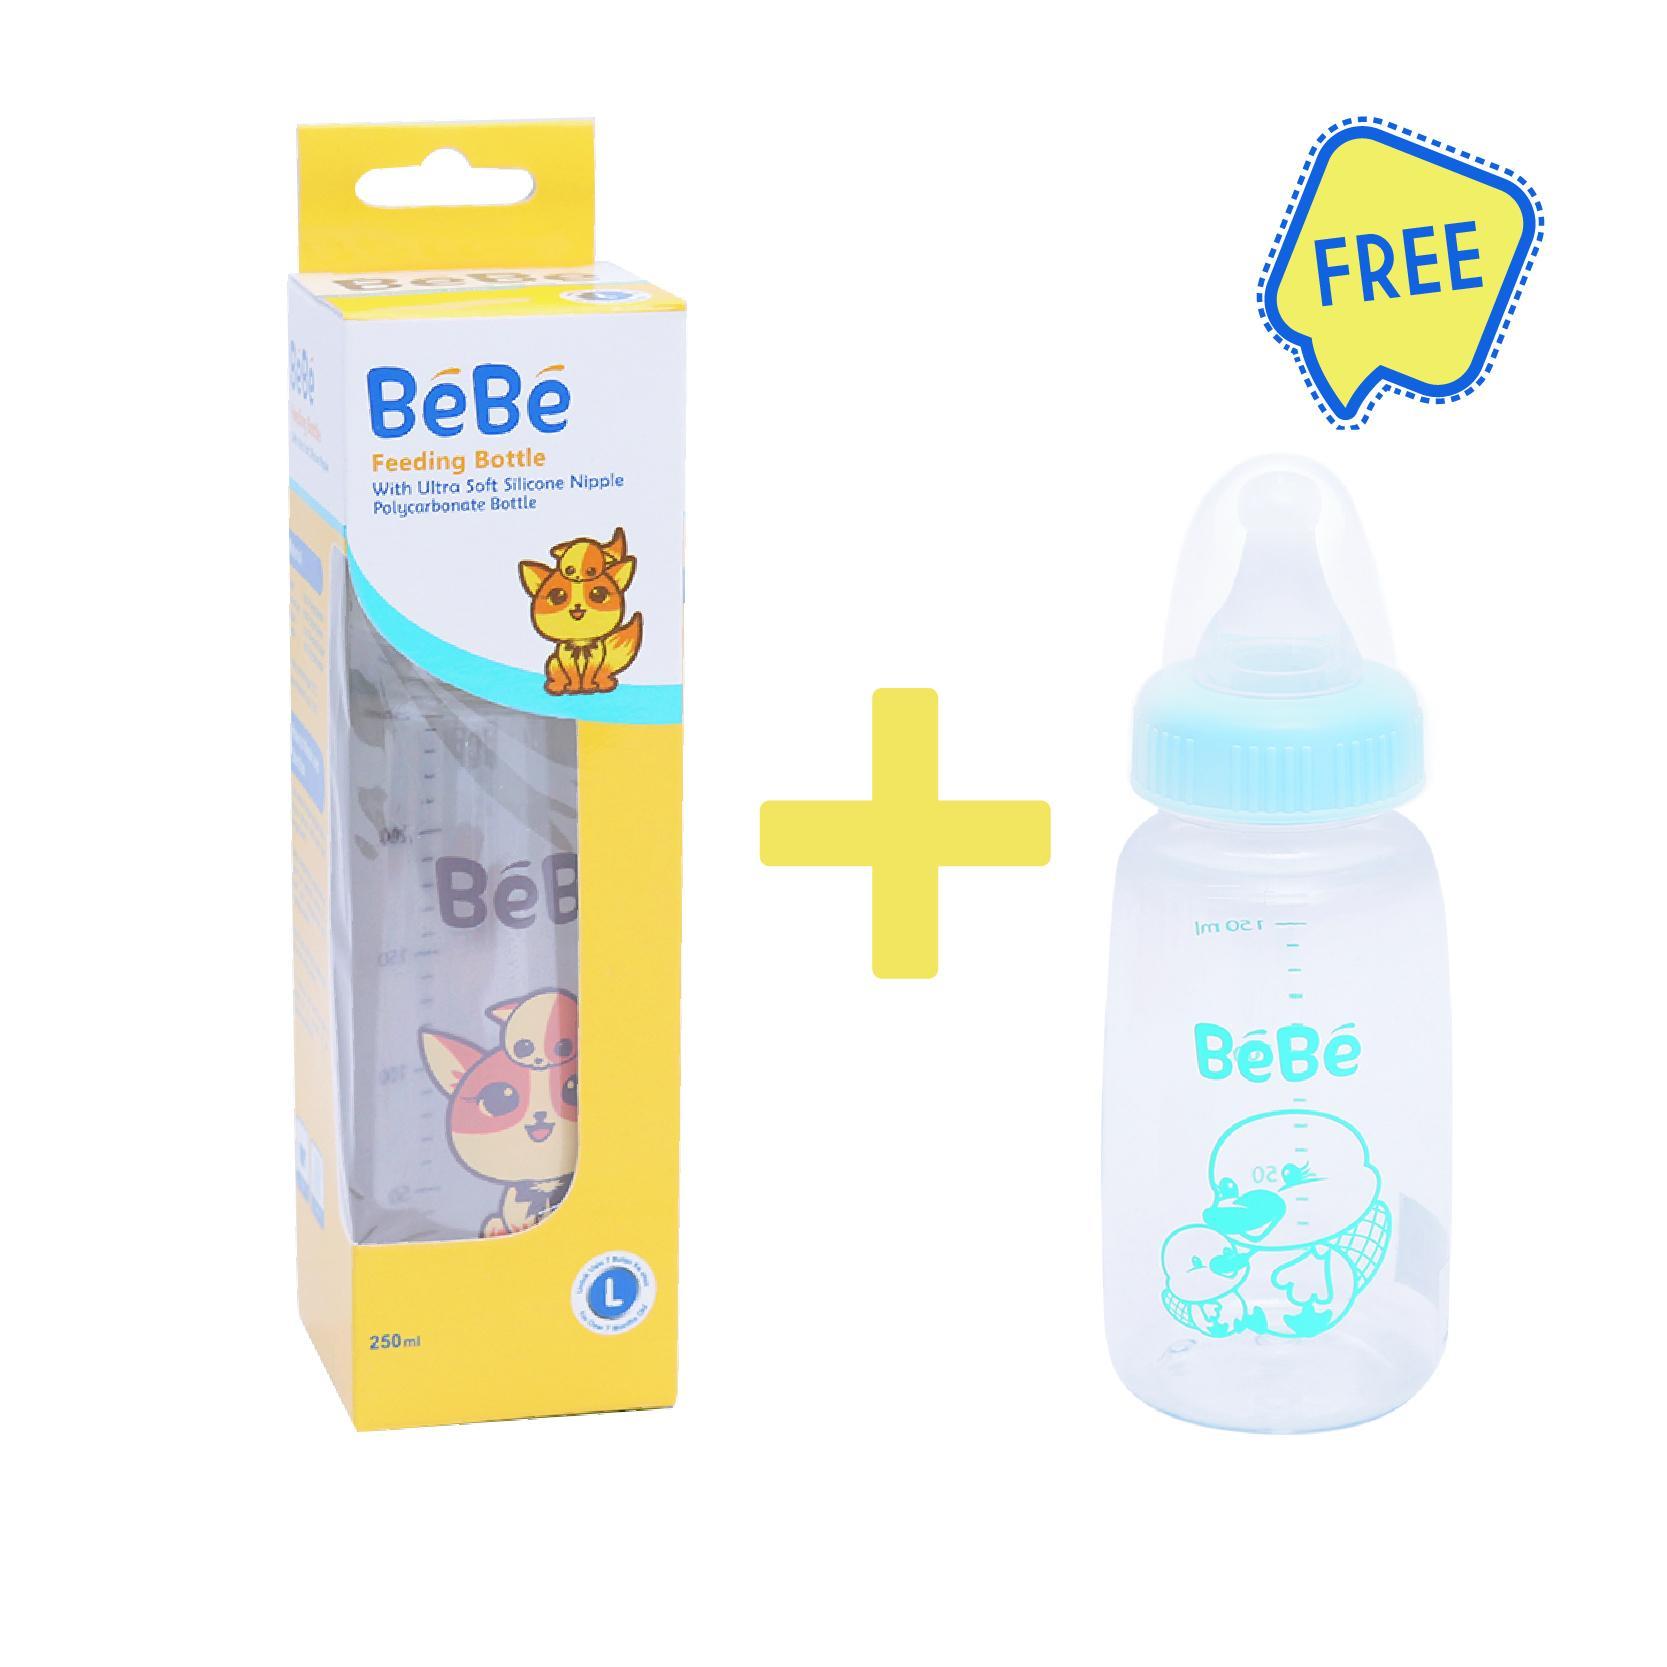 BEBE Botol Susu Bayi Premium PC 250Ml Cat Free Botol Susu Bayi Eco PC 150Ml Platypus